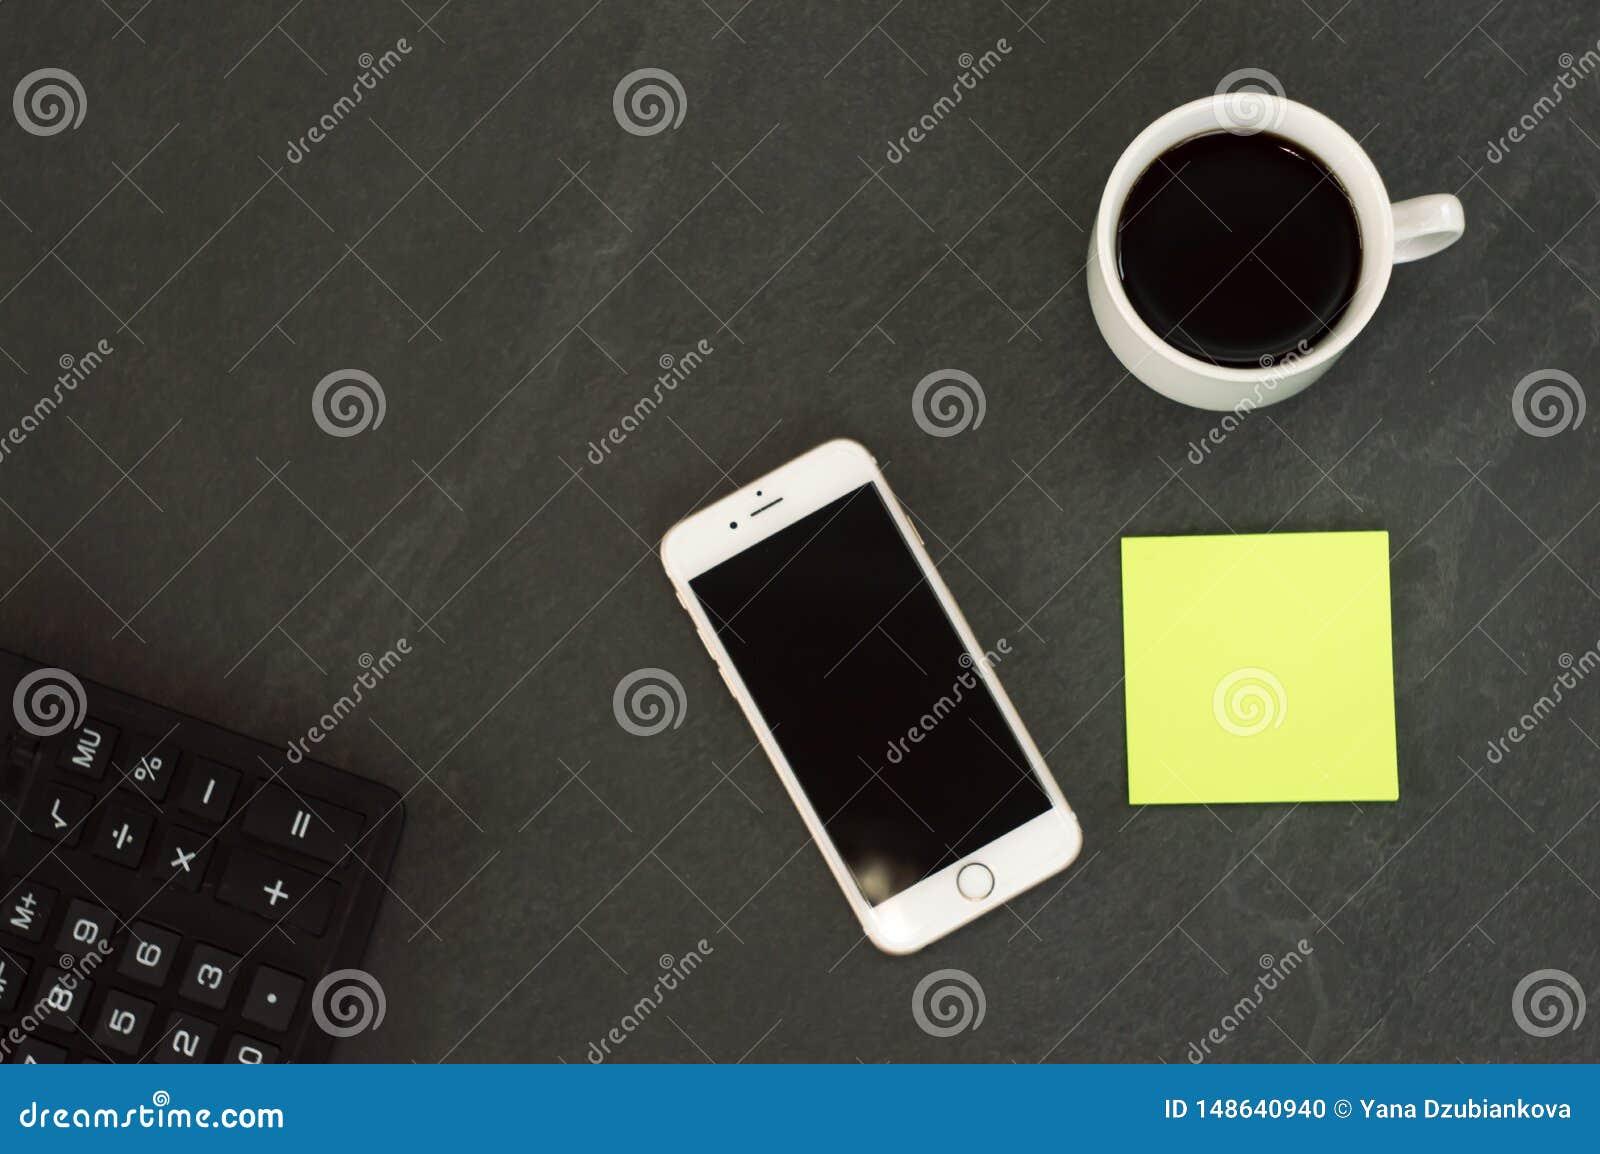 Το άσπρο τηλέφωνο με ένα φλιτζάνι του καφέ, μια κόκκινη μάνδρα και ένας υπολογιστής βρίσκονται σε έναν άσπρο ξύλινο πίνακα